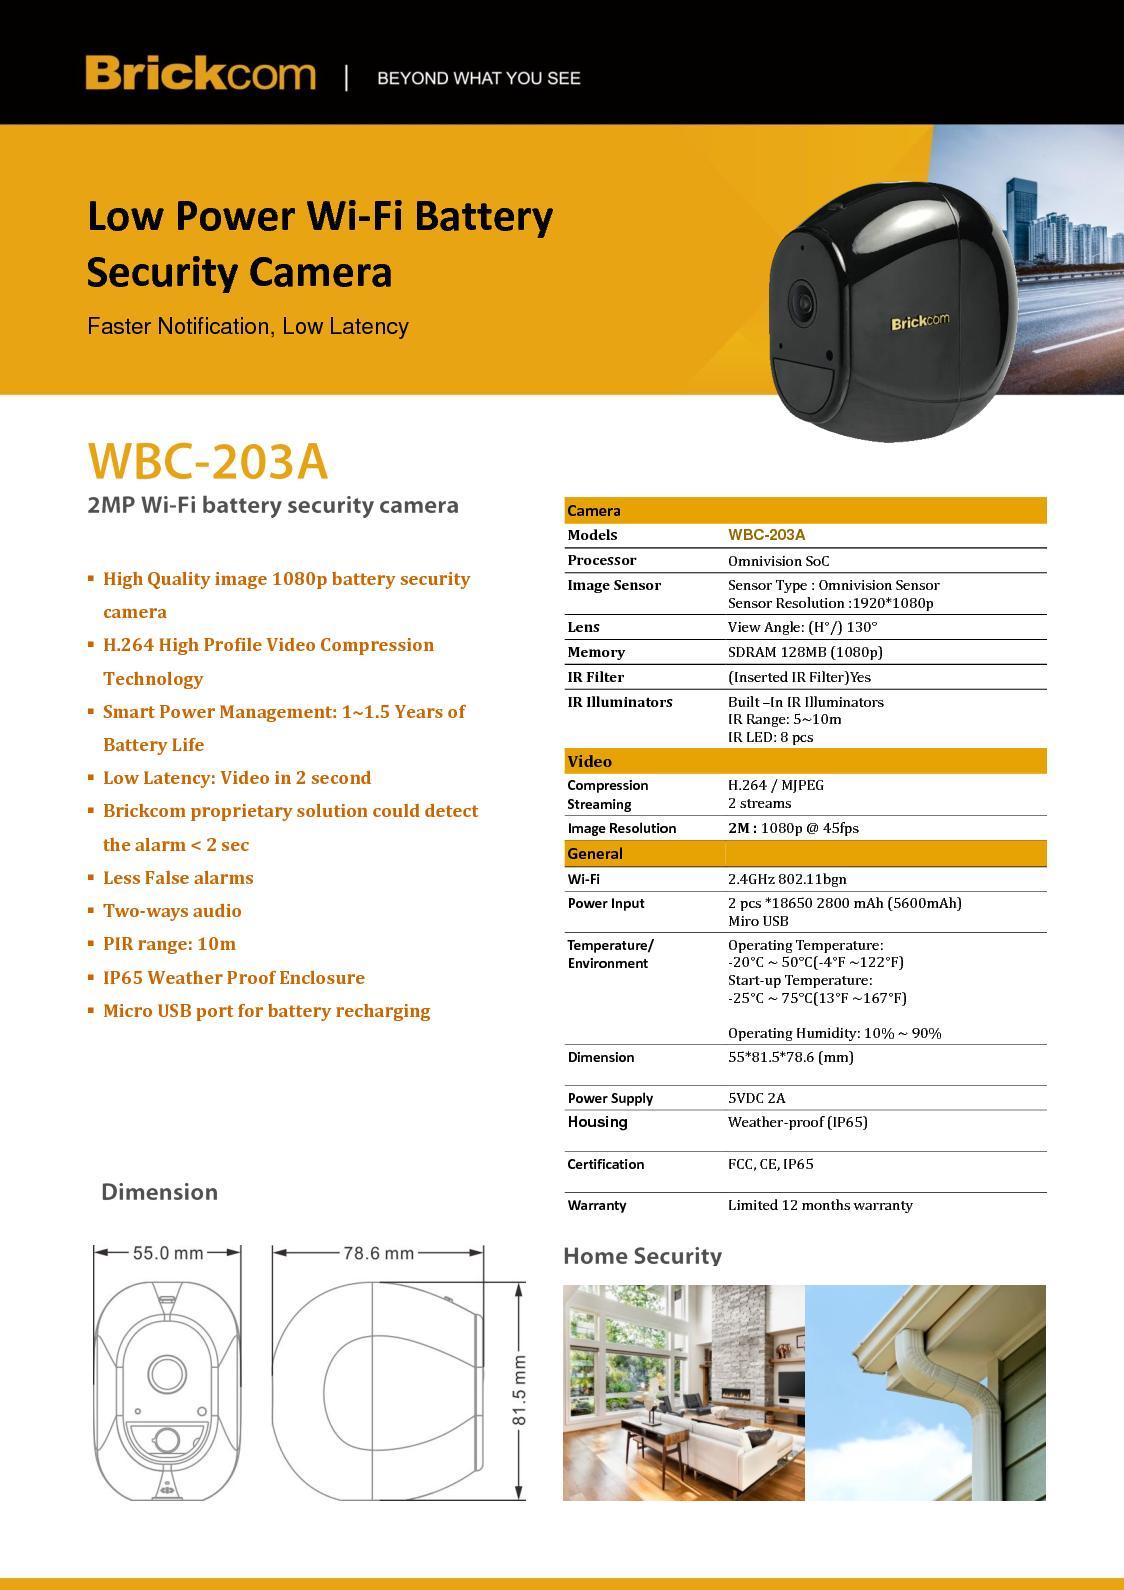 Calaméo - Brickcom WBC-203A Wifi Power Battery Camera